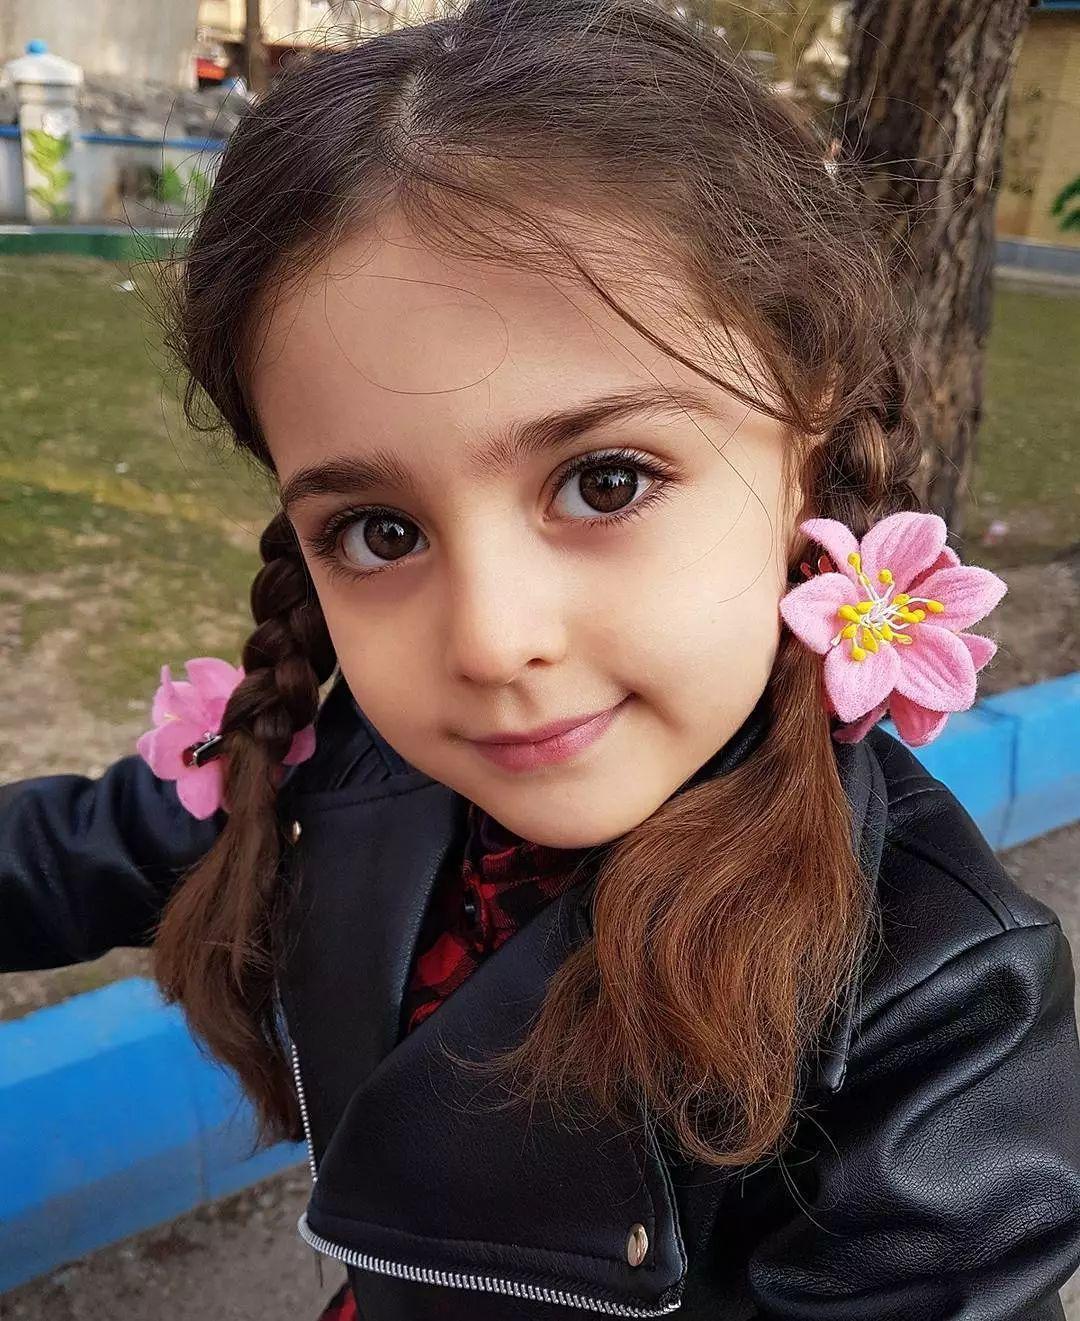 今天给大家介绍一个超美的小萝莉,名字叫mahdis mohammadi.图片